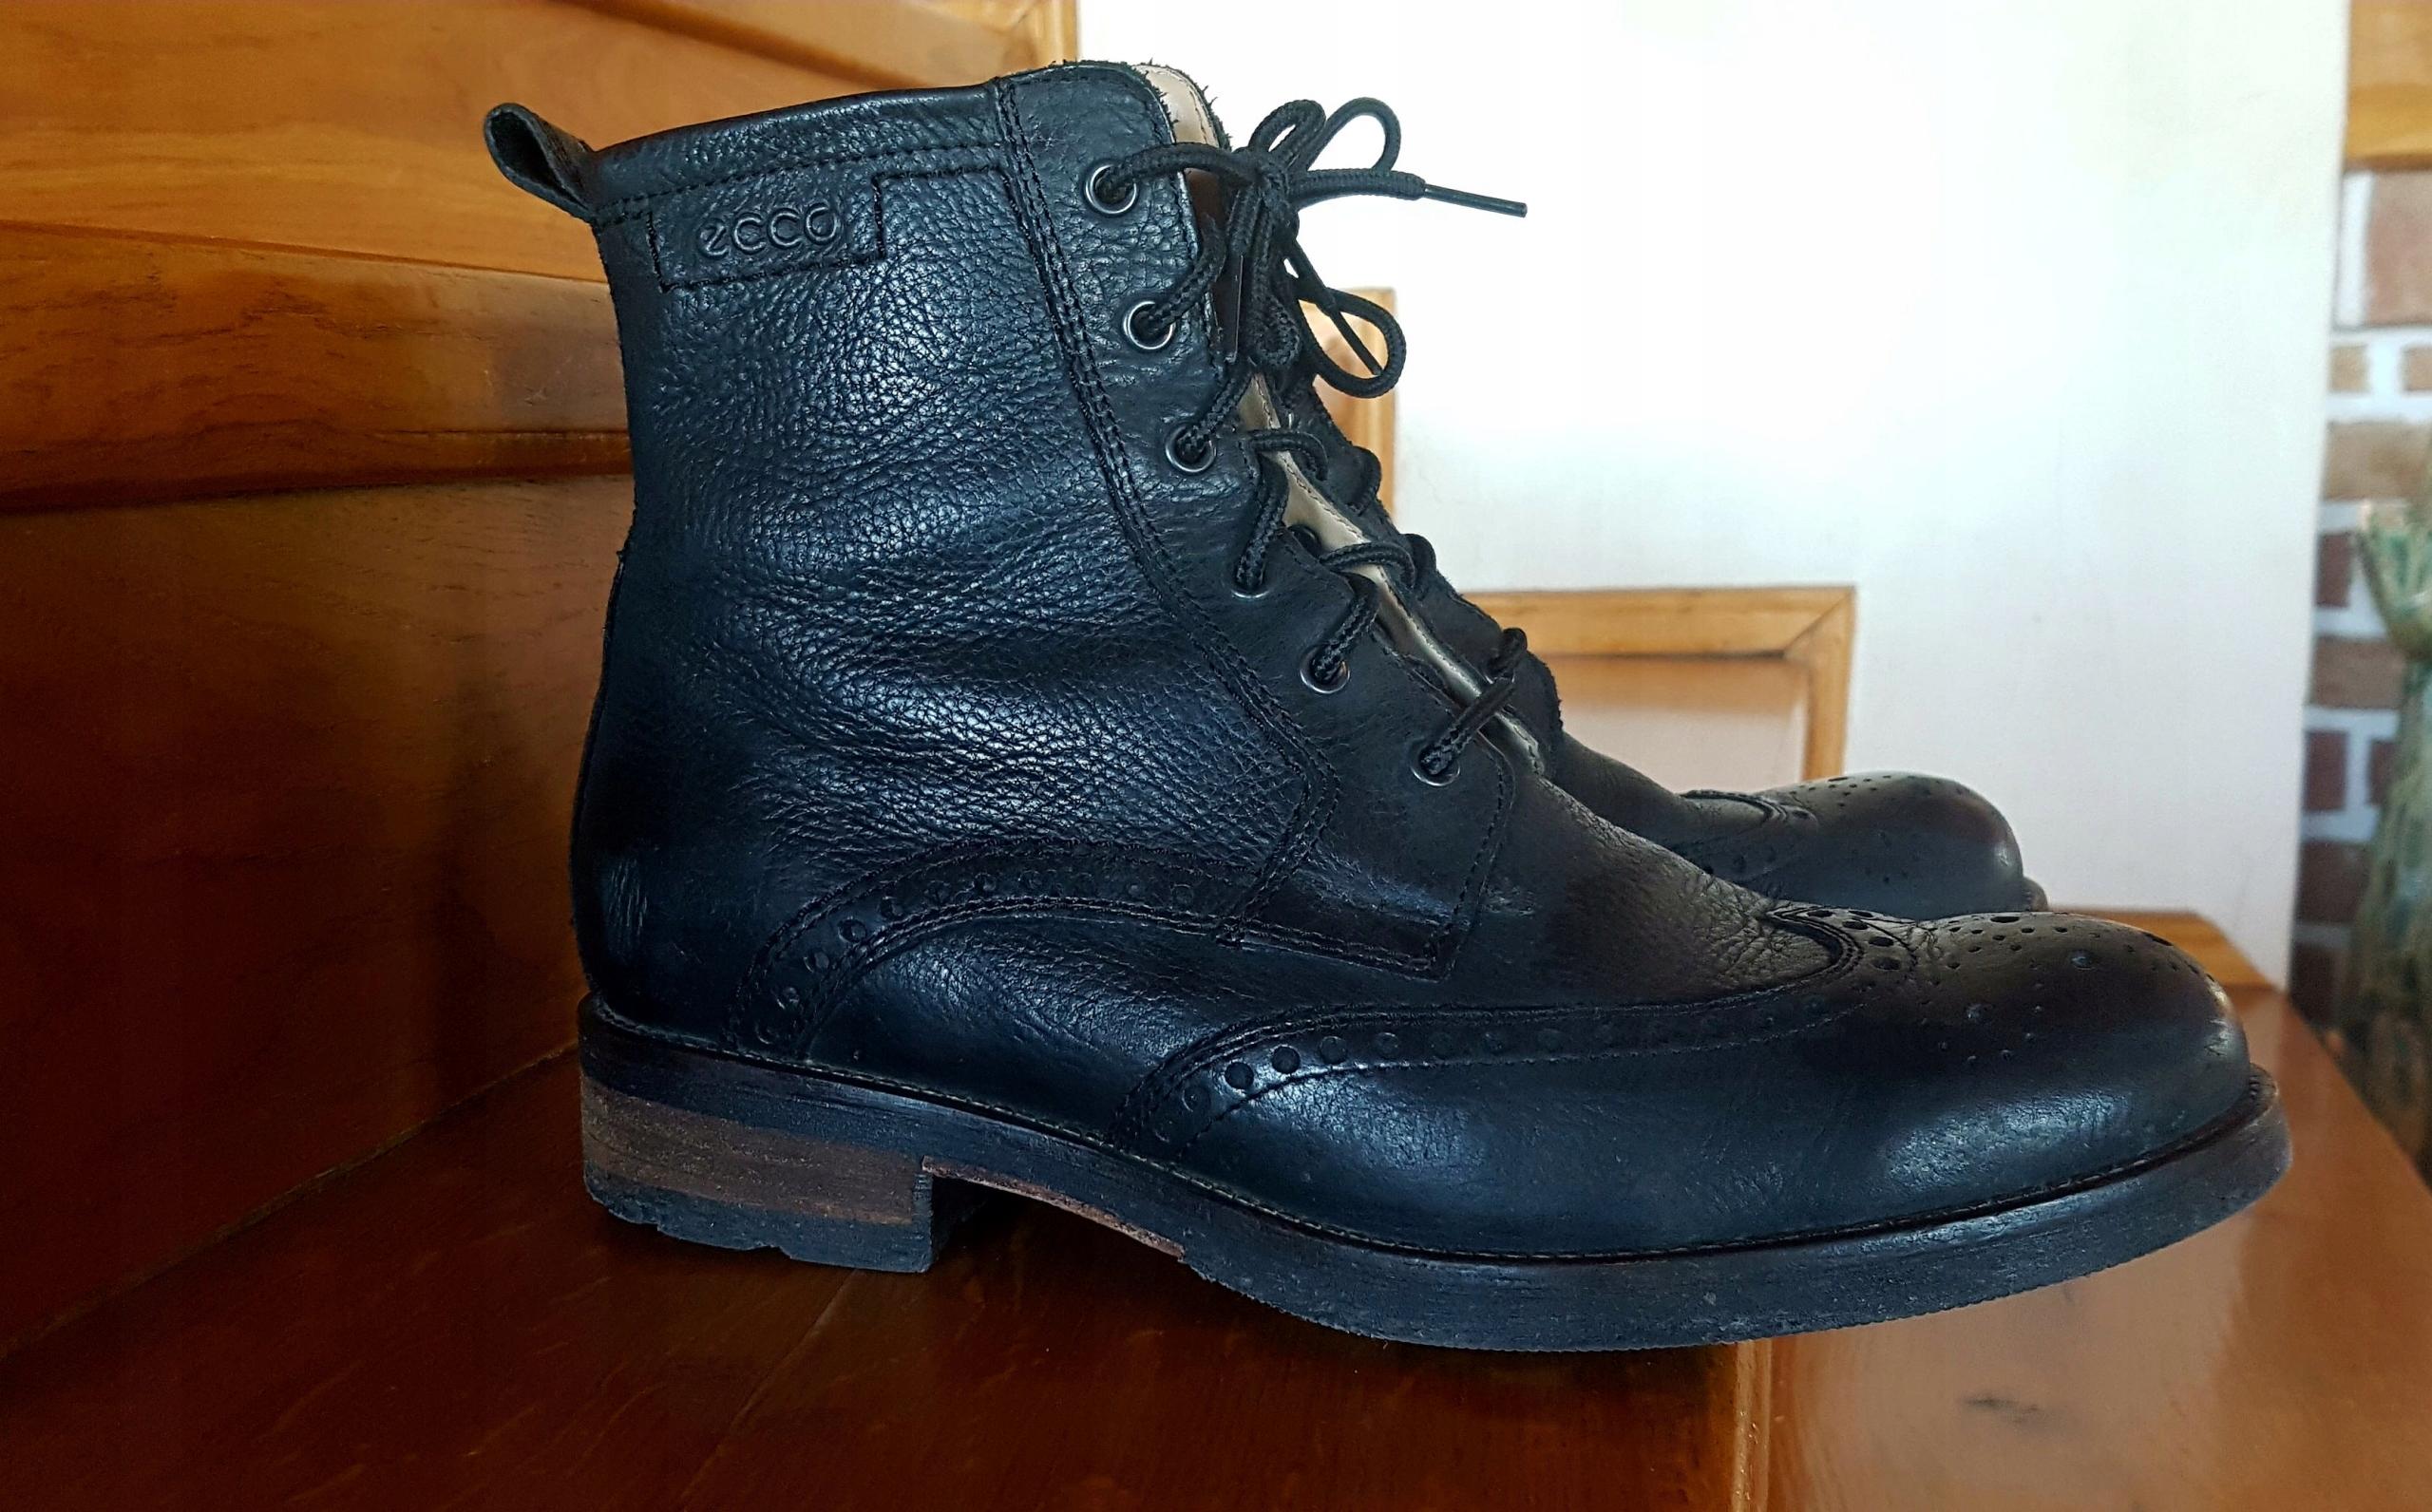 7bd56df9fe28f Ecco buty męskie 40 okazja nowe 659zł - 7591307201 - oficjalne ...